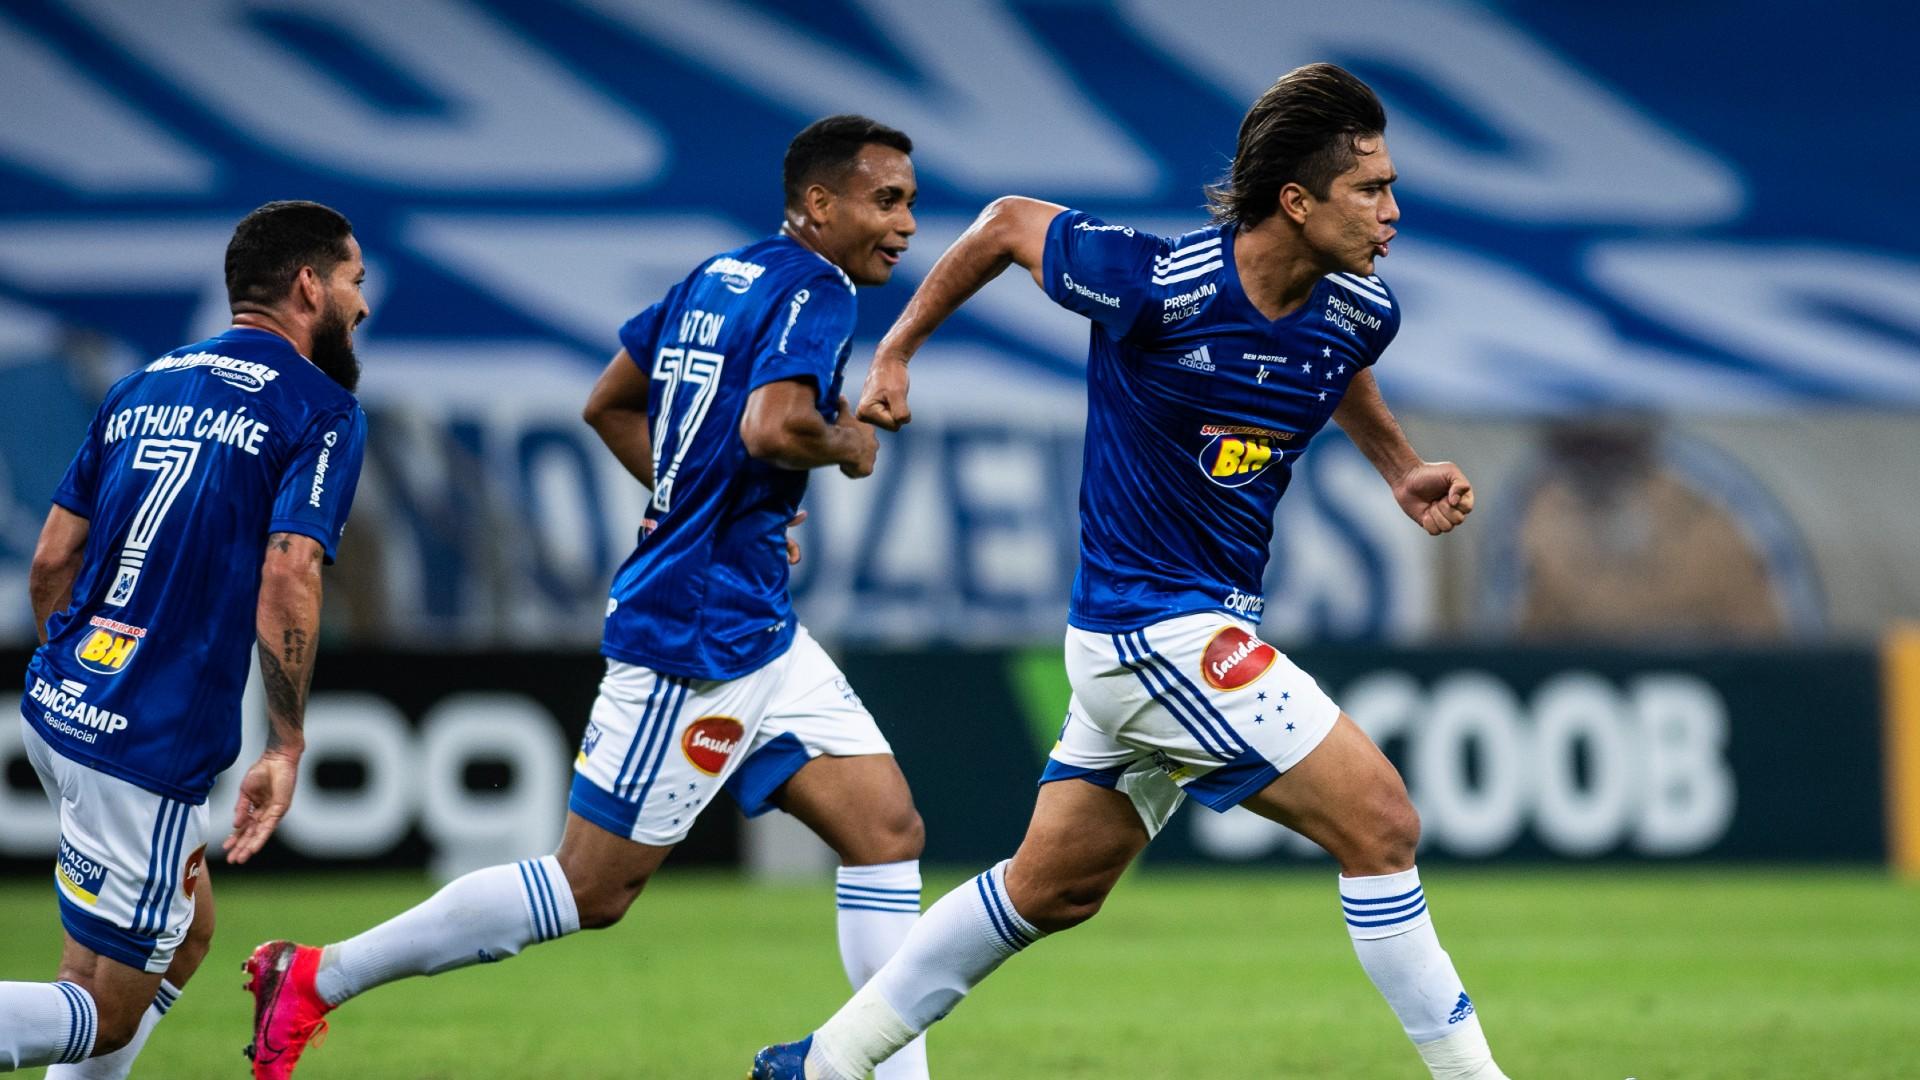 Onde Assistir Ao Vivo A Uberlandia X Cruzeiro Pelo Campeonato Mineiro Goal Com